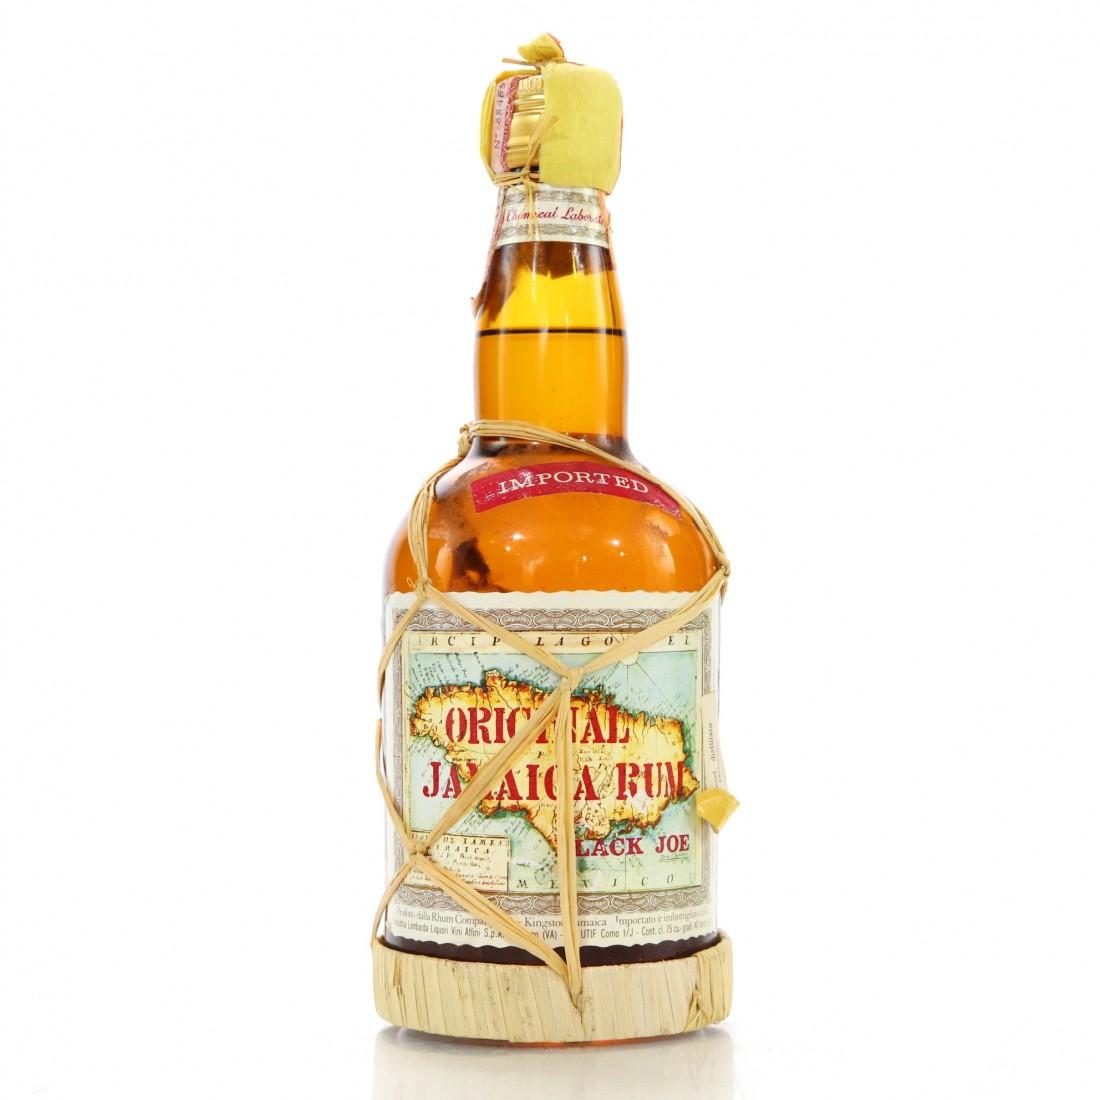 Black Joe Original Jamaica Rum 1980s